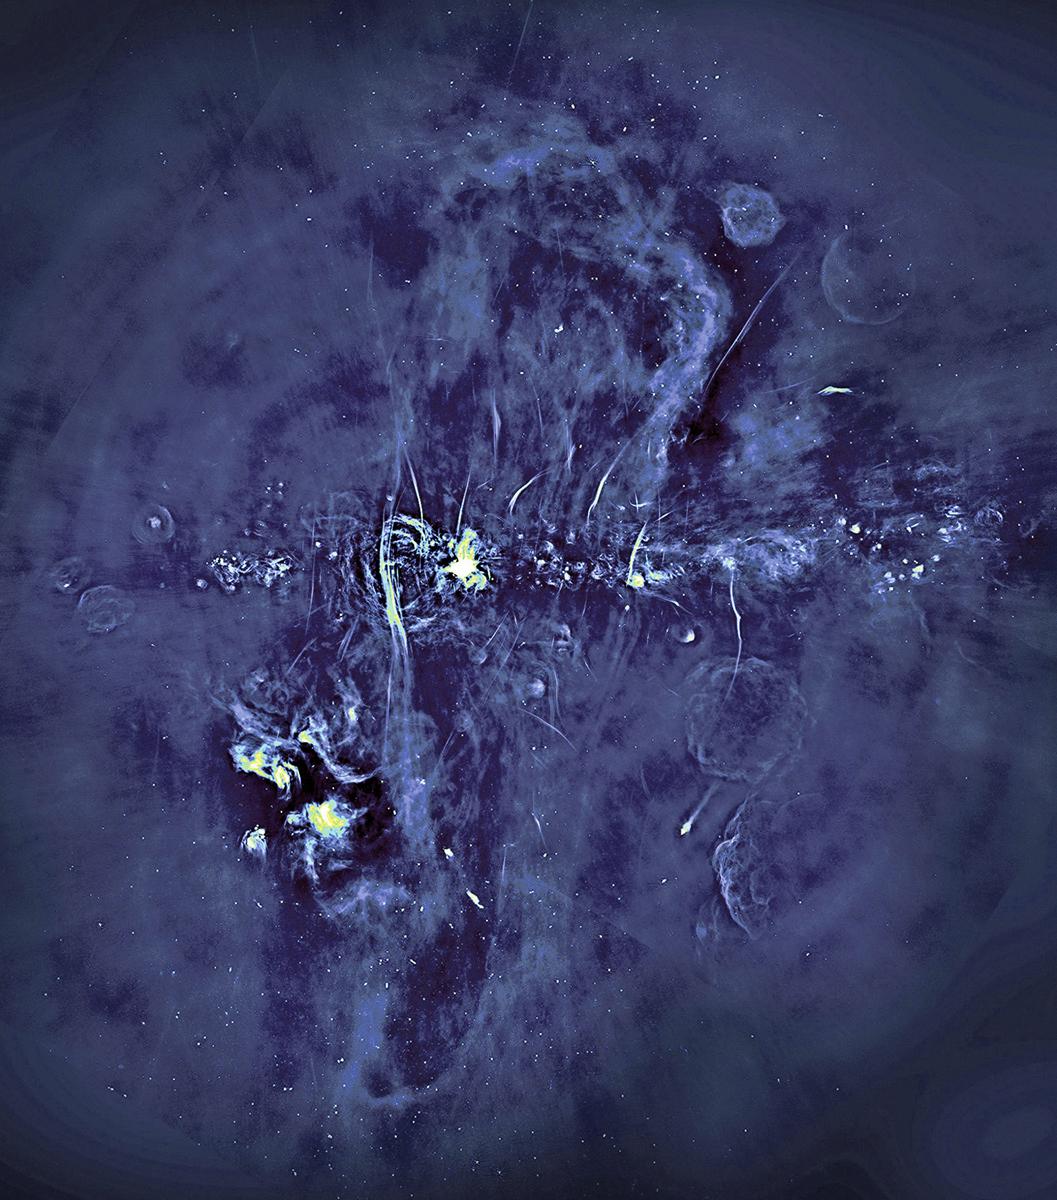 銀河系中心的射電照片。圖片中心橫向明亮結構是銀河系所在平面,縱向對稱的大尺度結構是這次發現的射電氣球。(Oxford, SARAO)